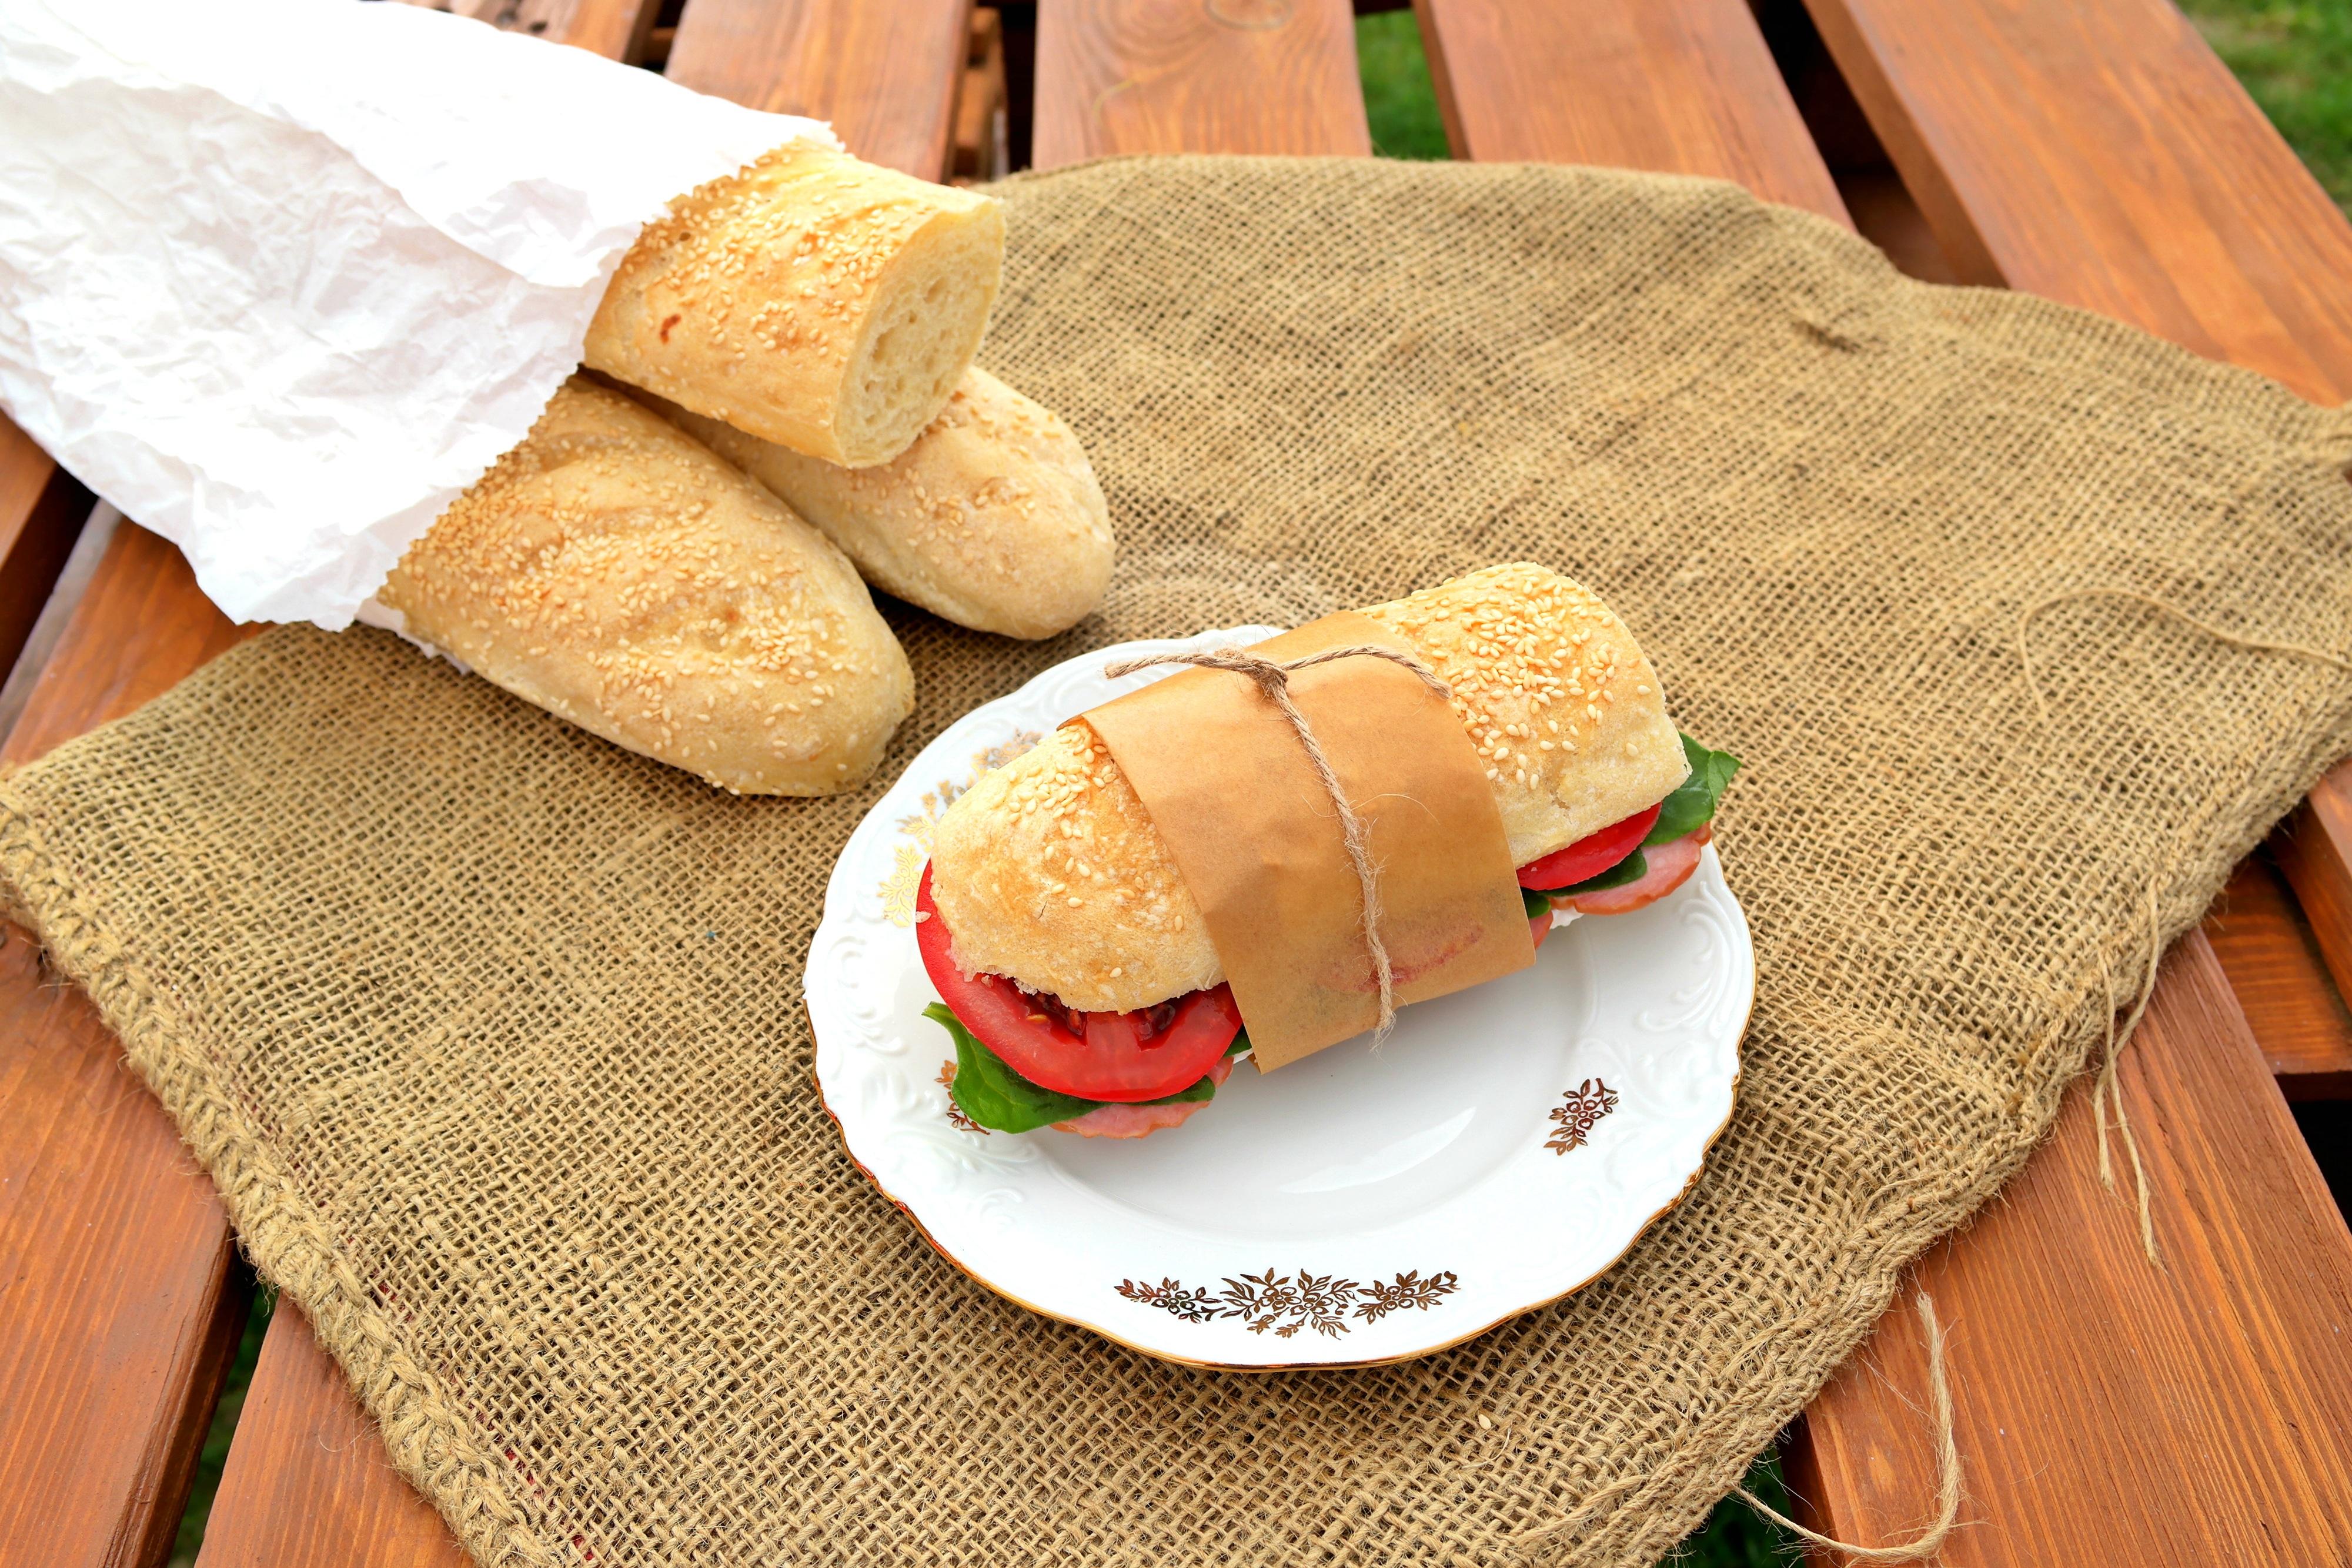 Francuskie bagietki pszenne z piekarnika - przepis